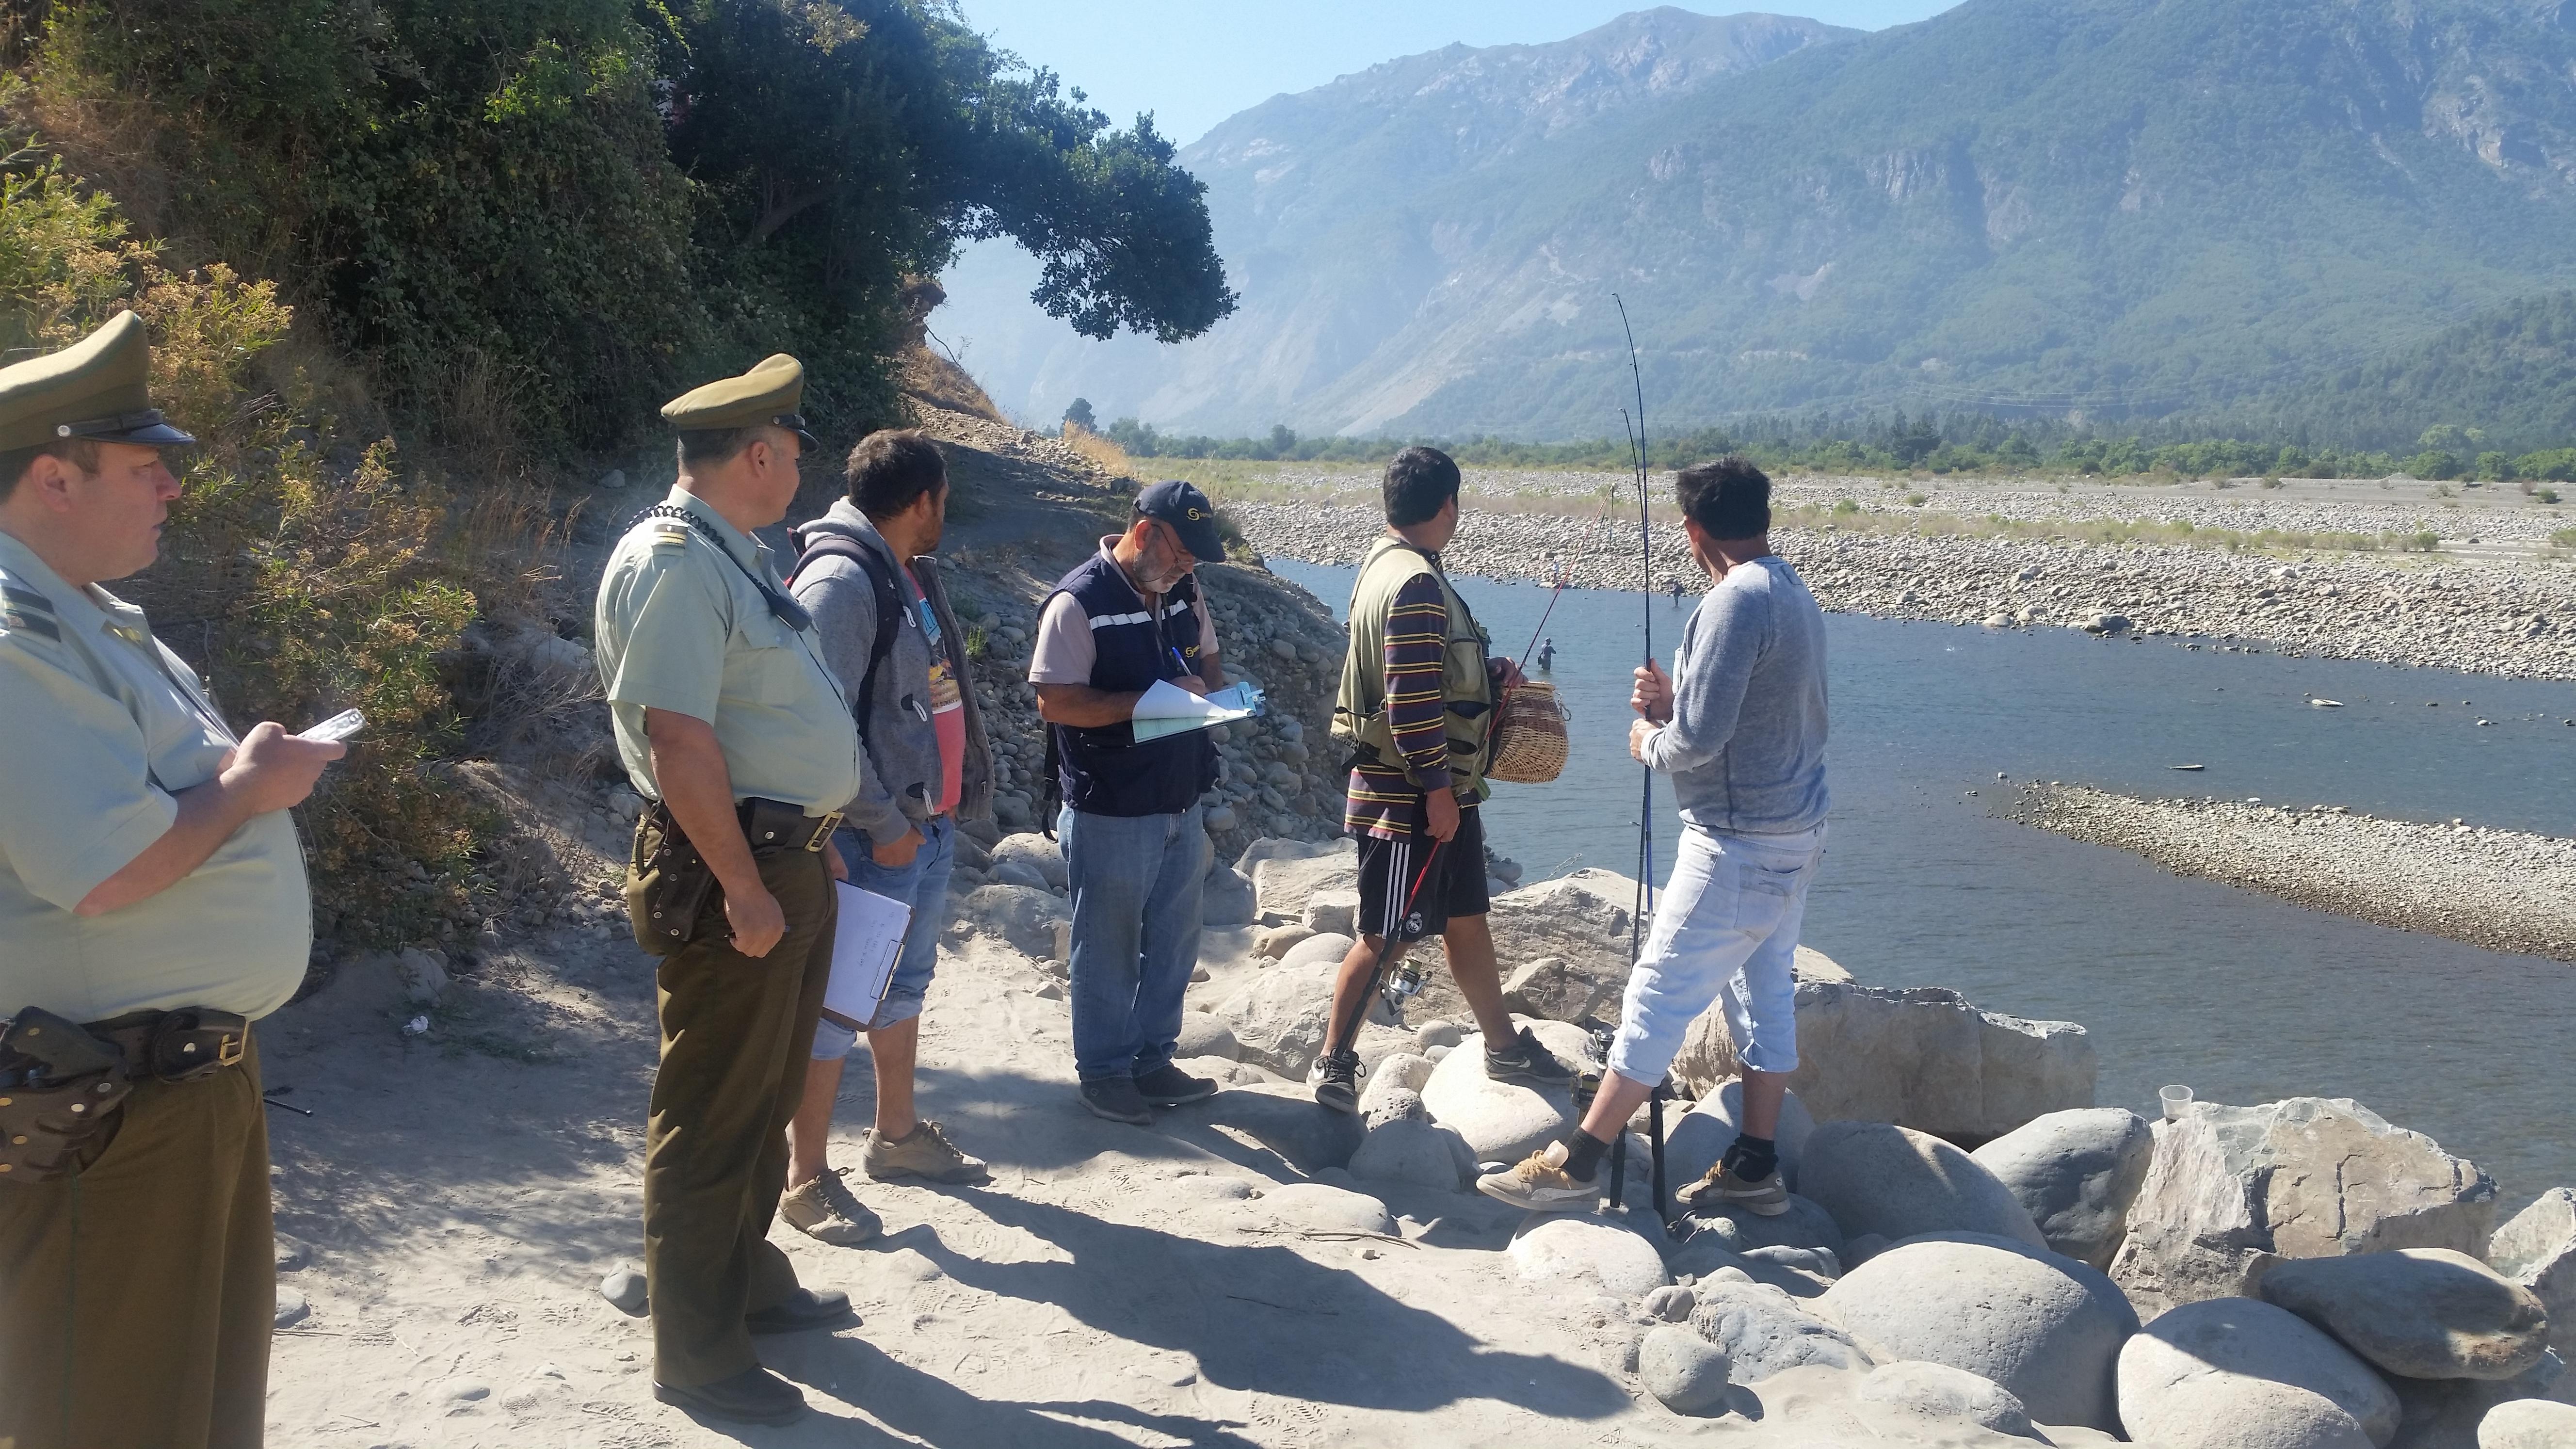 Sernapesca y Carabineros cursan 3 infracciones e incautan equipos en operativo de pesca recreativa en San Clemente